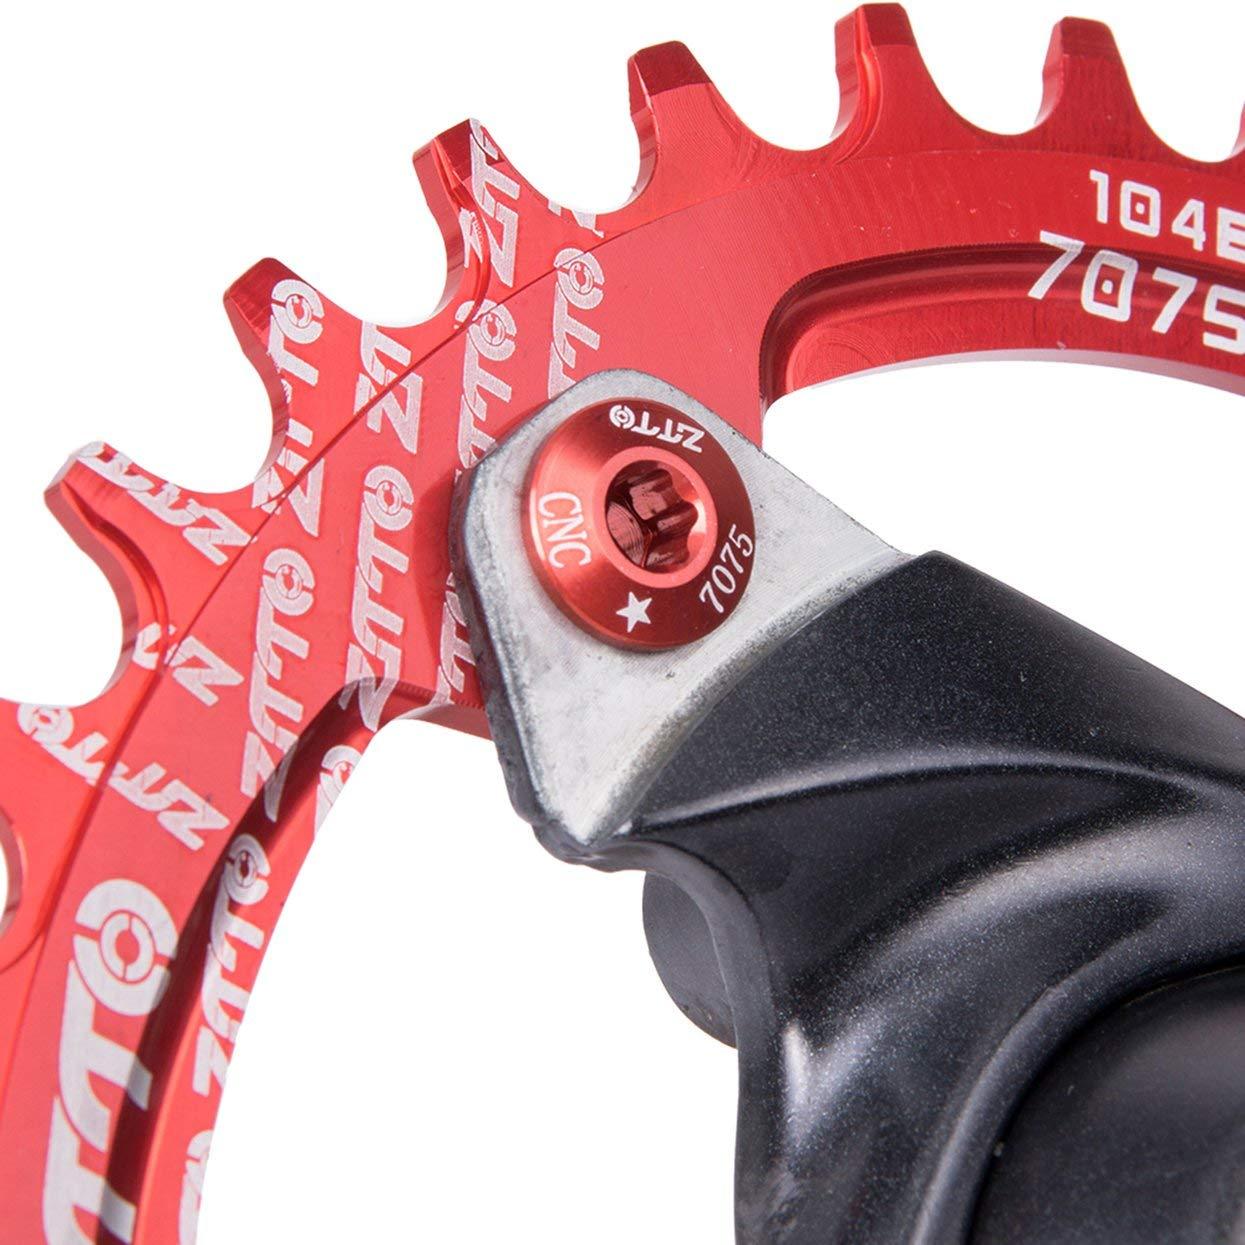 Tree-on-Life 5 Unids//Set Aleaci/ón De Aluminio Plato de Perno de Bicicleta Tornillos de Rueda de Cadena Camino MTB Bicicleta Tornillos de Disco Compatible para Juego de bielas